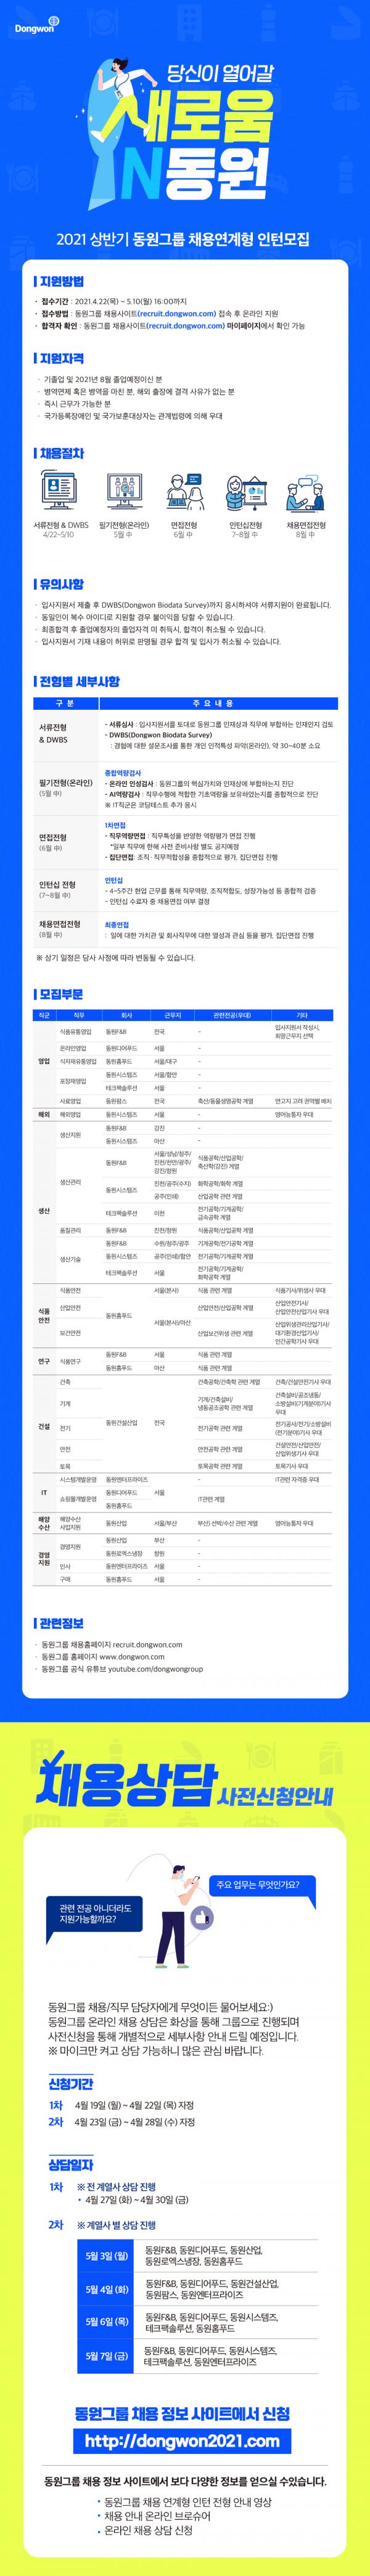 21상 동원그룹 채용연계형 인턴 웹공고문.png